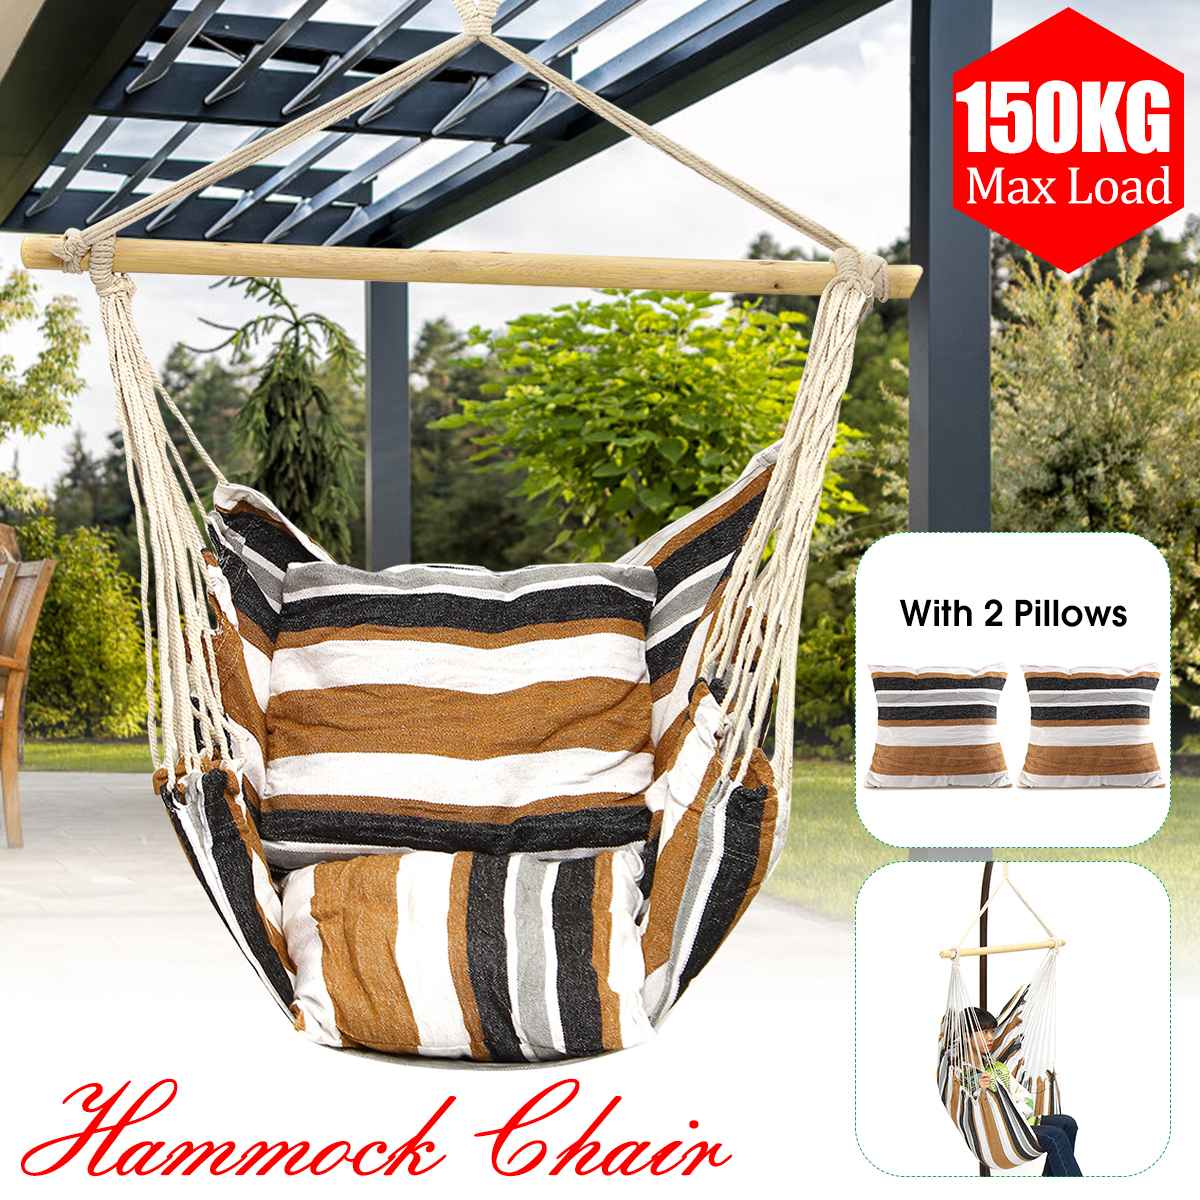 Hamac chaise suspendue meubles d'intérieur en plein air balançoire de jardin pour enfants adultes chaise oscillante w/oreillers bâton en bois